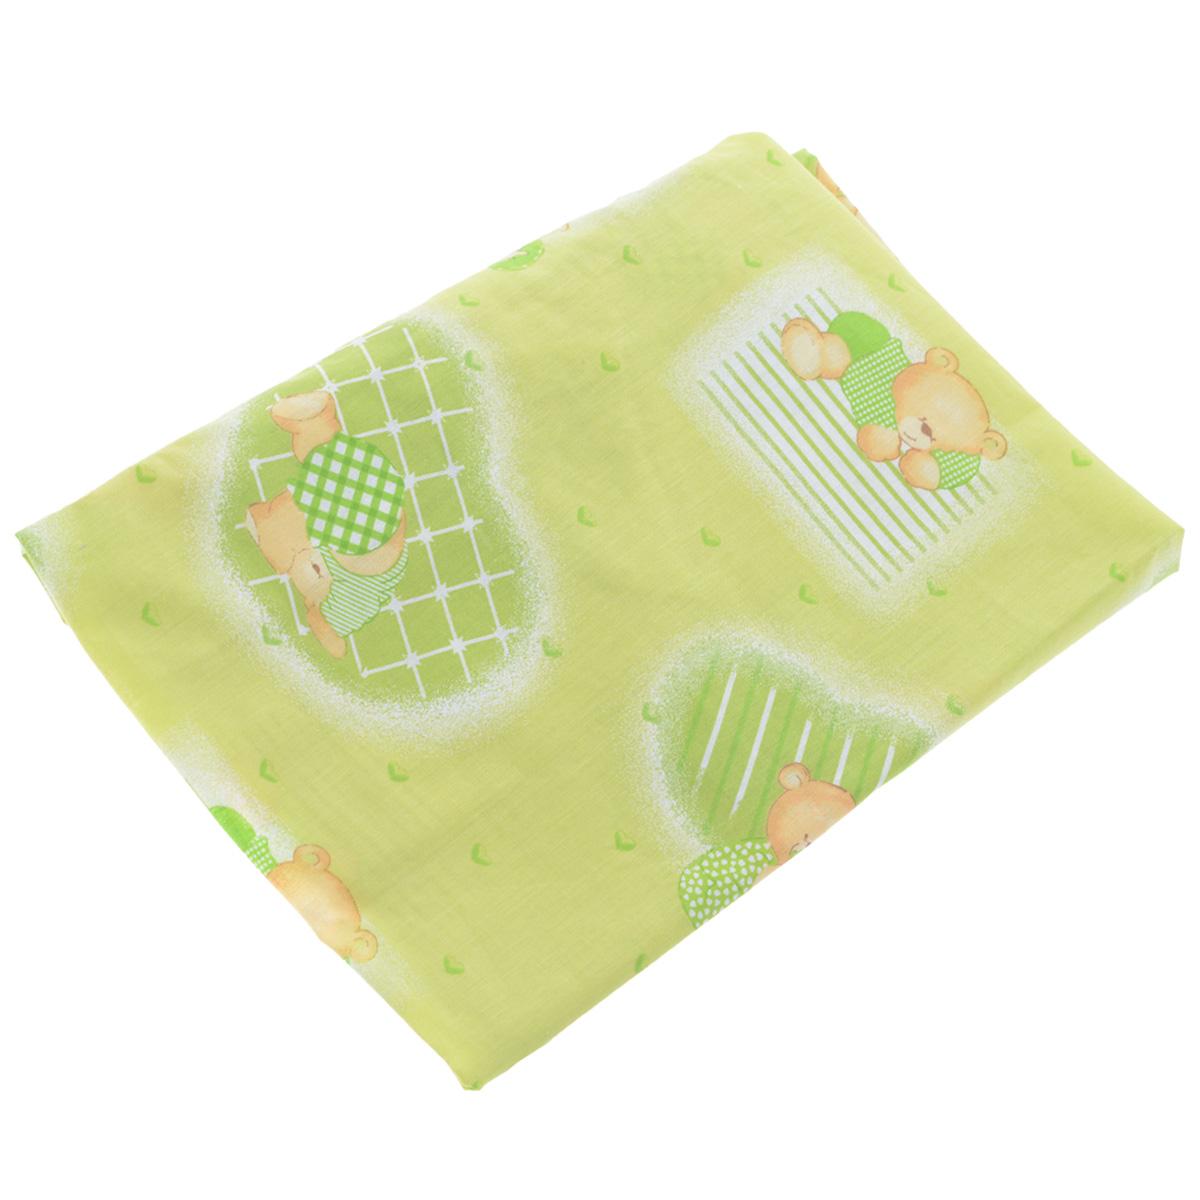 Простыня на резинке Фея Мишки, цвет: зеленый, 60 см х 120 см80226Мягкая простыня на резинке Фея Мишки идеально подойдет для кроватки вашего малыша и обеспечит ему здоровый сон. Она изготовлена из натурального 100% хлопка, дарящего малышу непревзойденную мягкость. Простыня с помощью специальной резинки растягивается на матрасе. Она не сомнется и не скомкается, как бы не вертелся ребенок. Подарите вашему малышу комфорт и удобство!